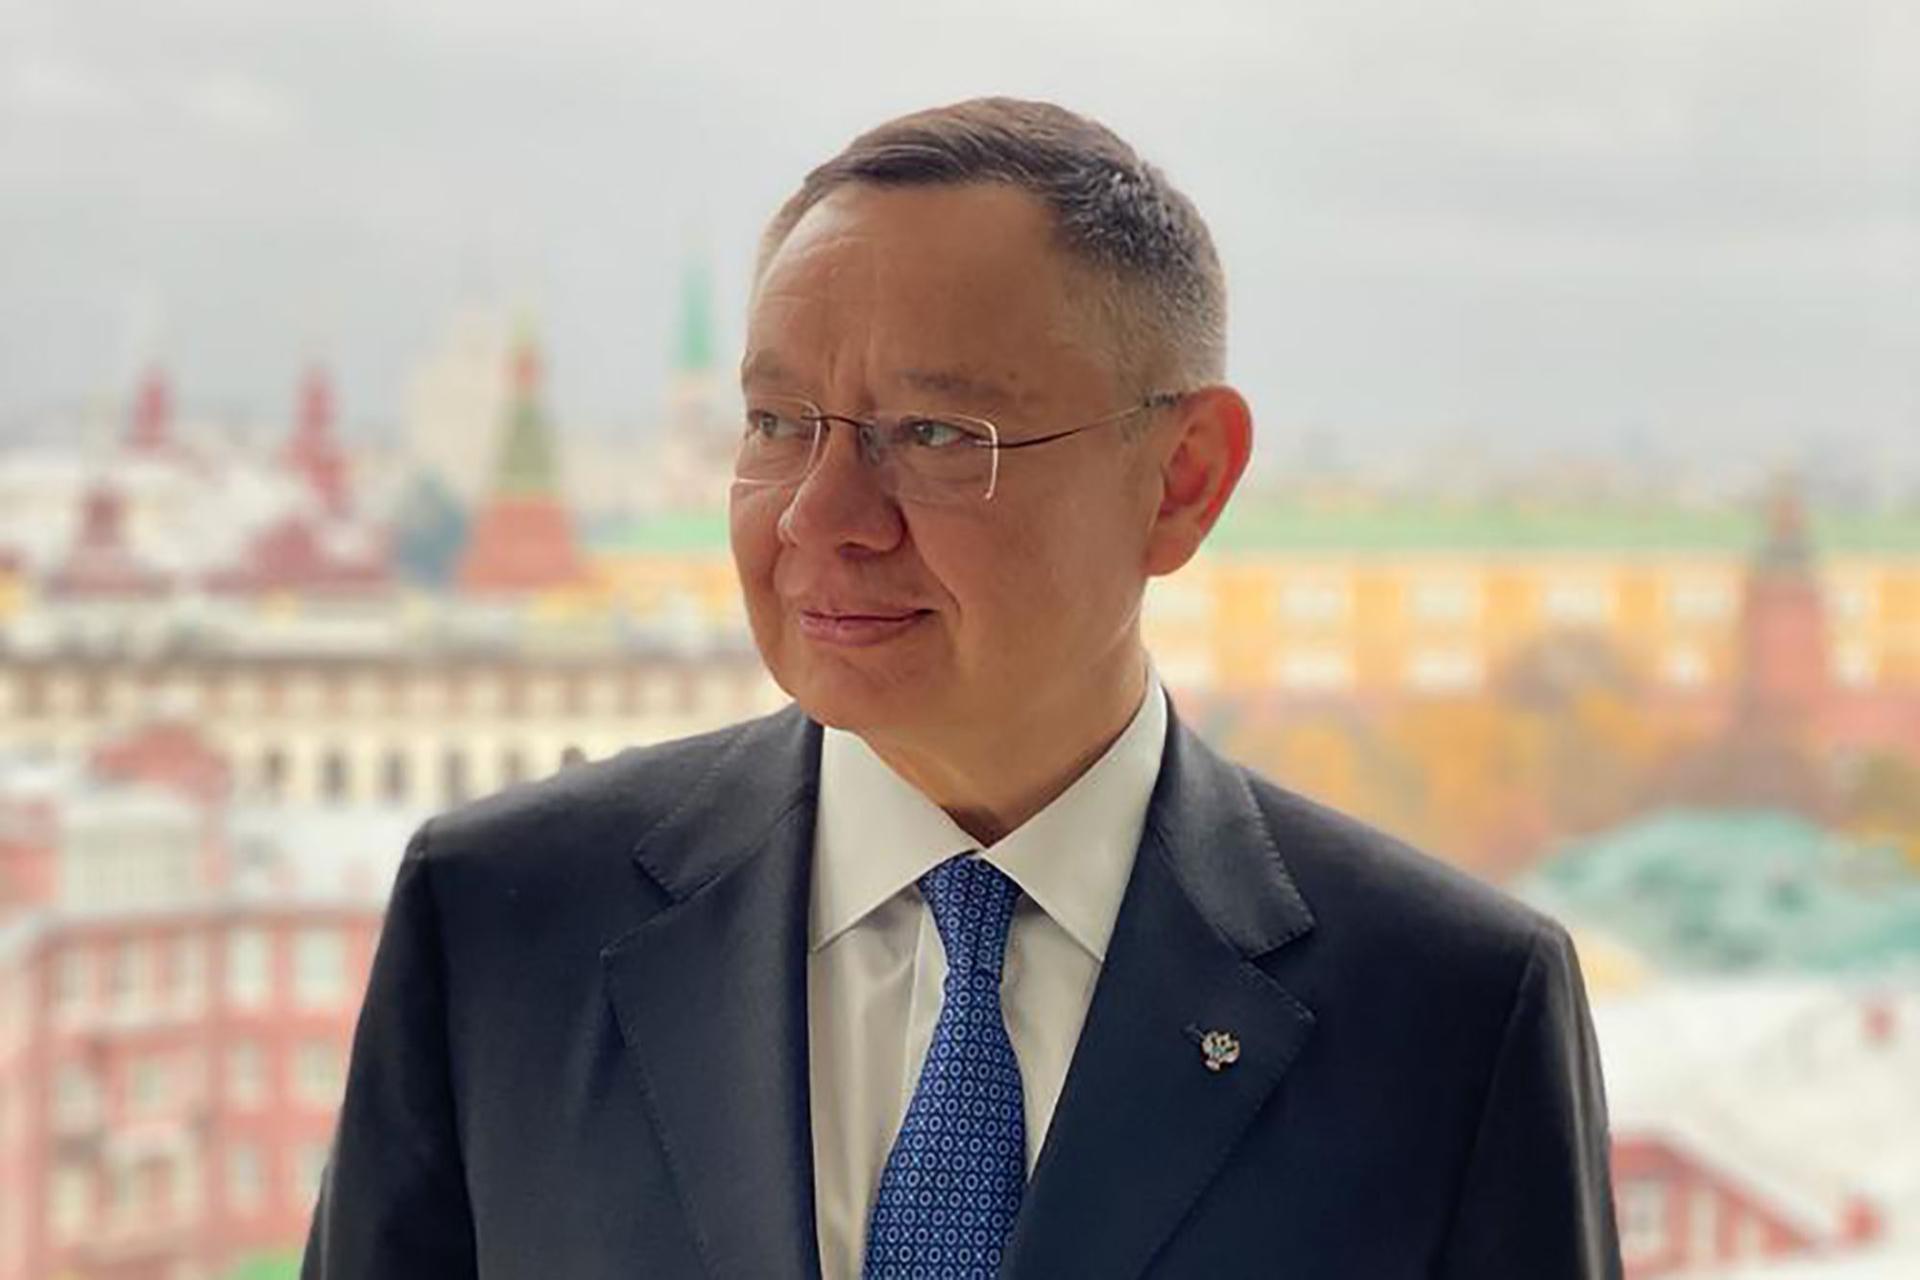 Министр строительства и ЖКХ России Ирек Файзуллин